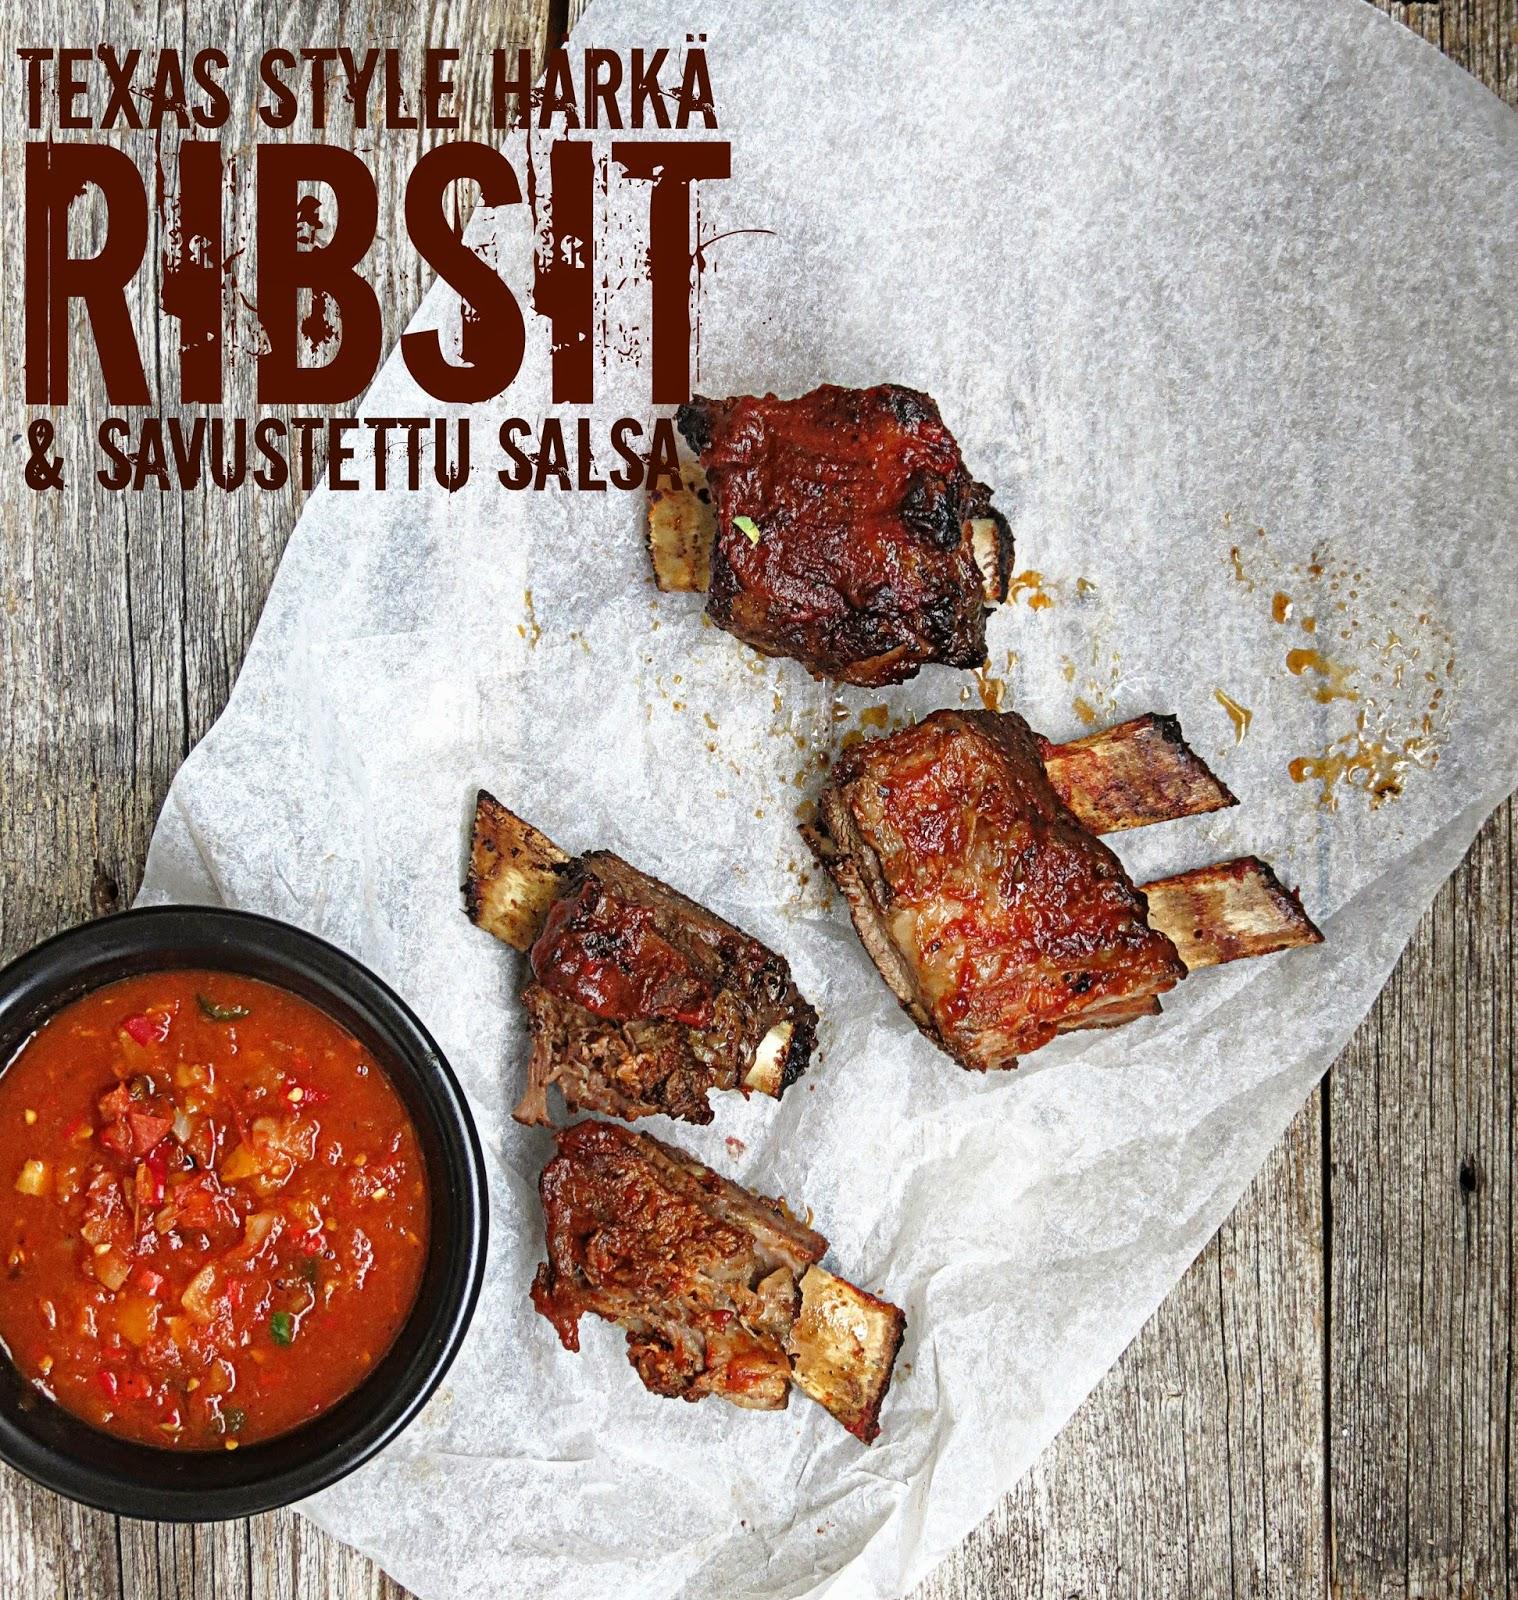 Texas Style Ribsit & Savusalsa